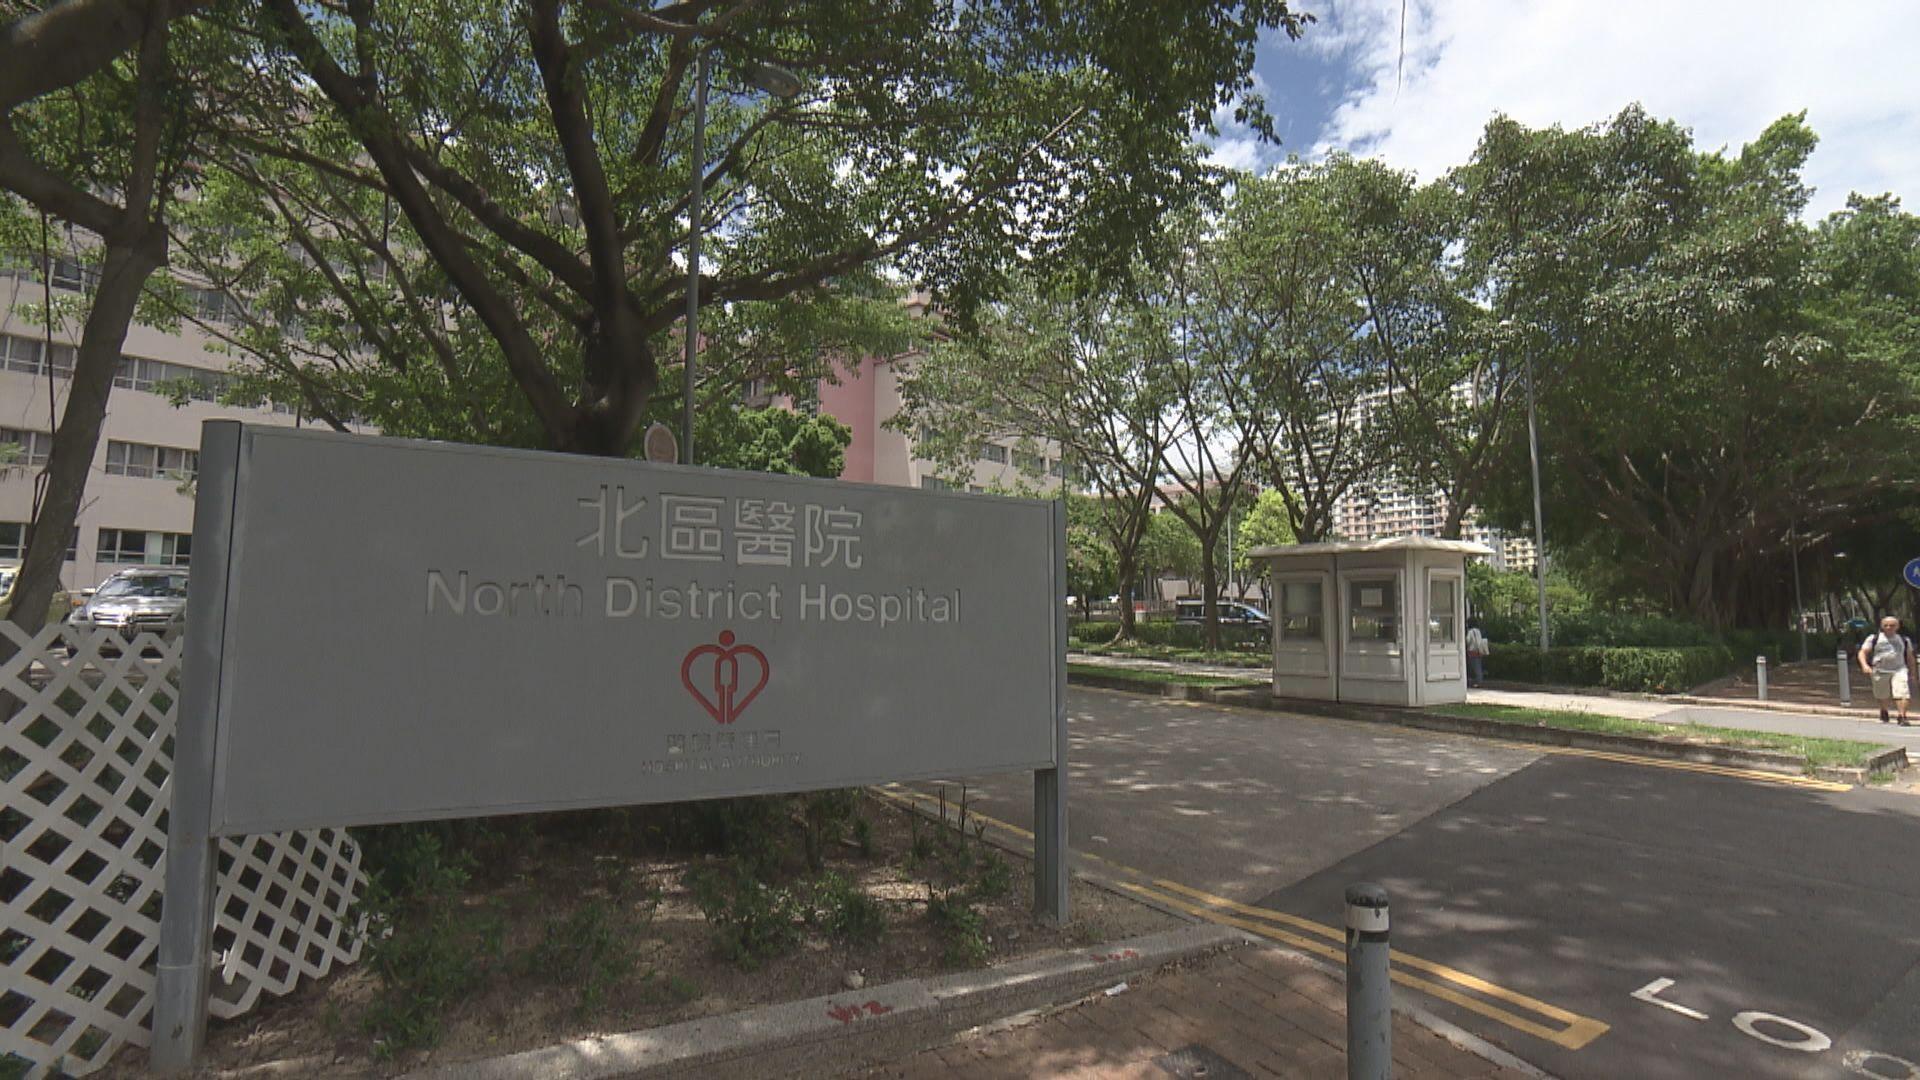 北區醫院隔離病房負壓系統一周內三次故障